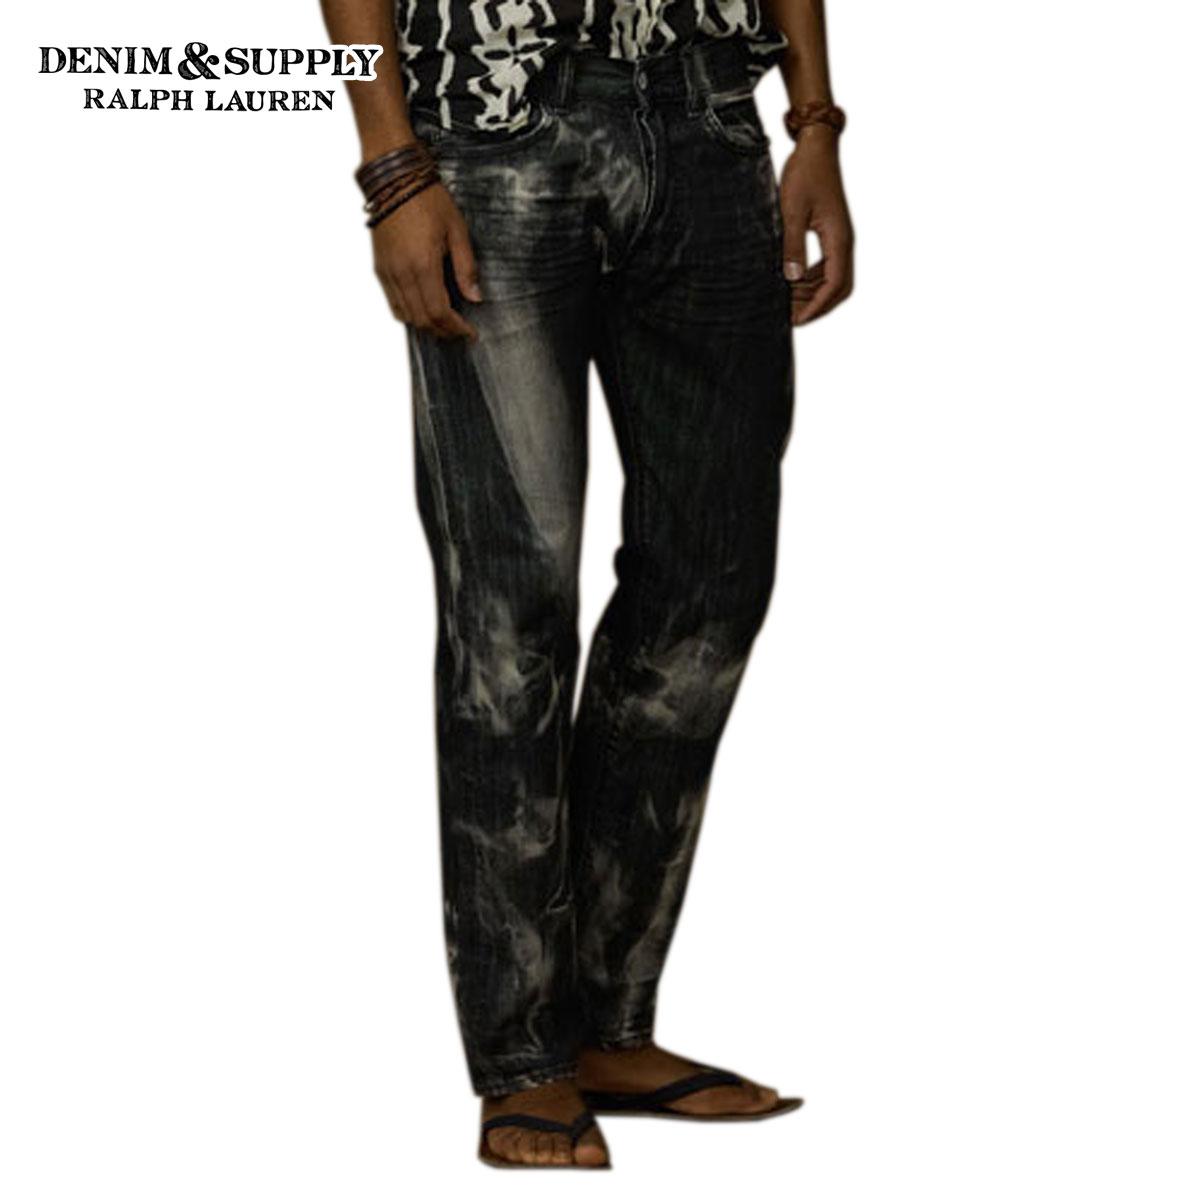 デニムアンドサプライ ポロ ラルフローレン DENIM&SUPPLY RALPH LAUREN 正規品 メンズ ジーンズ Slim-Fit Bleached Jean BLACK D20S30